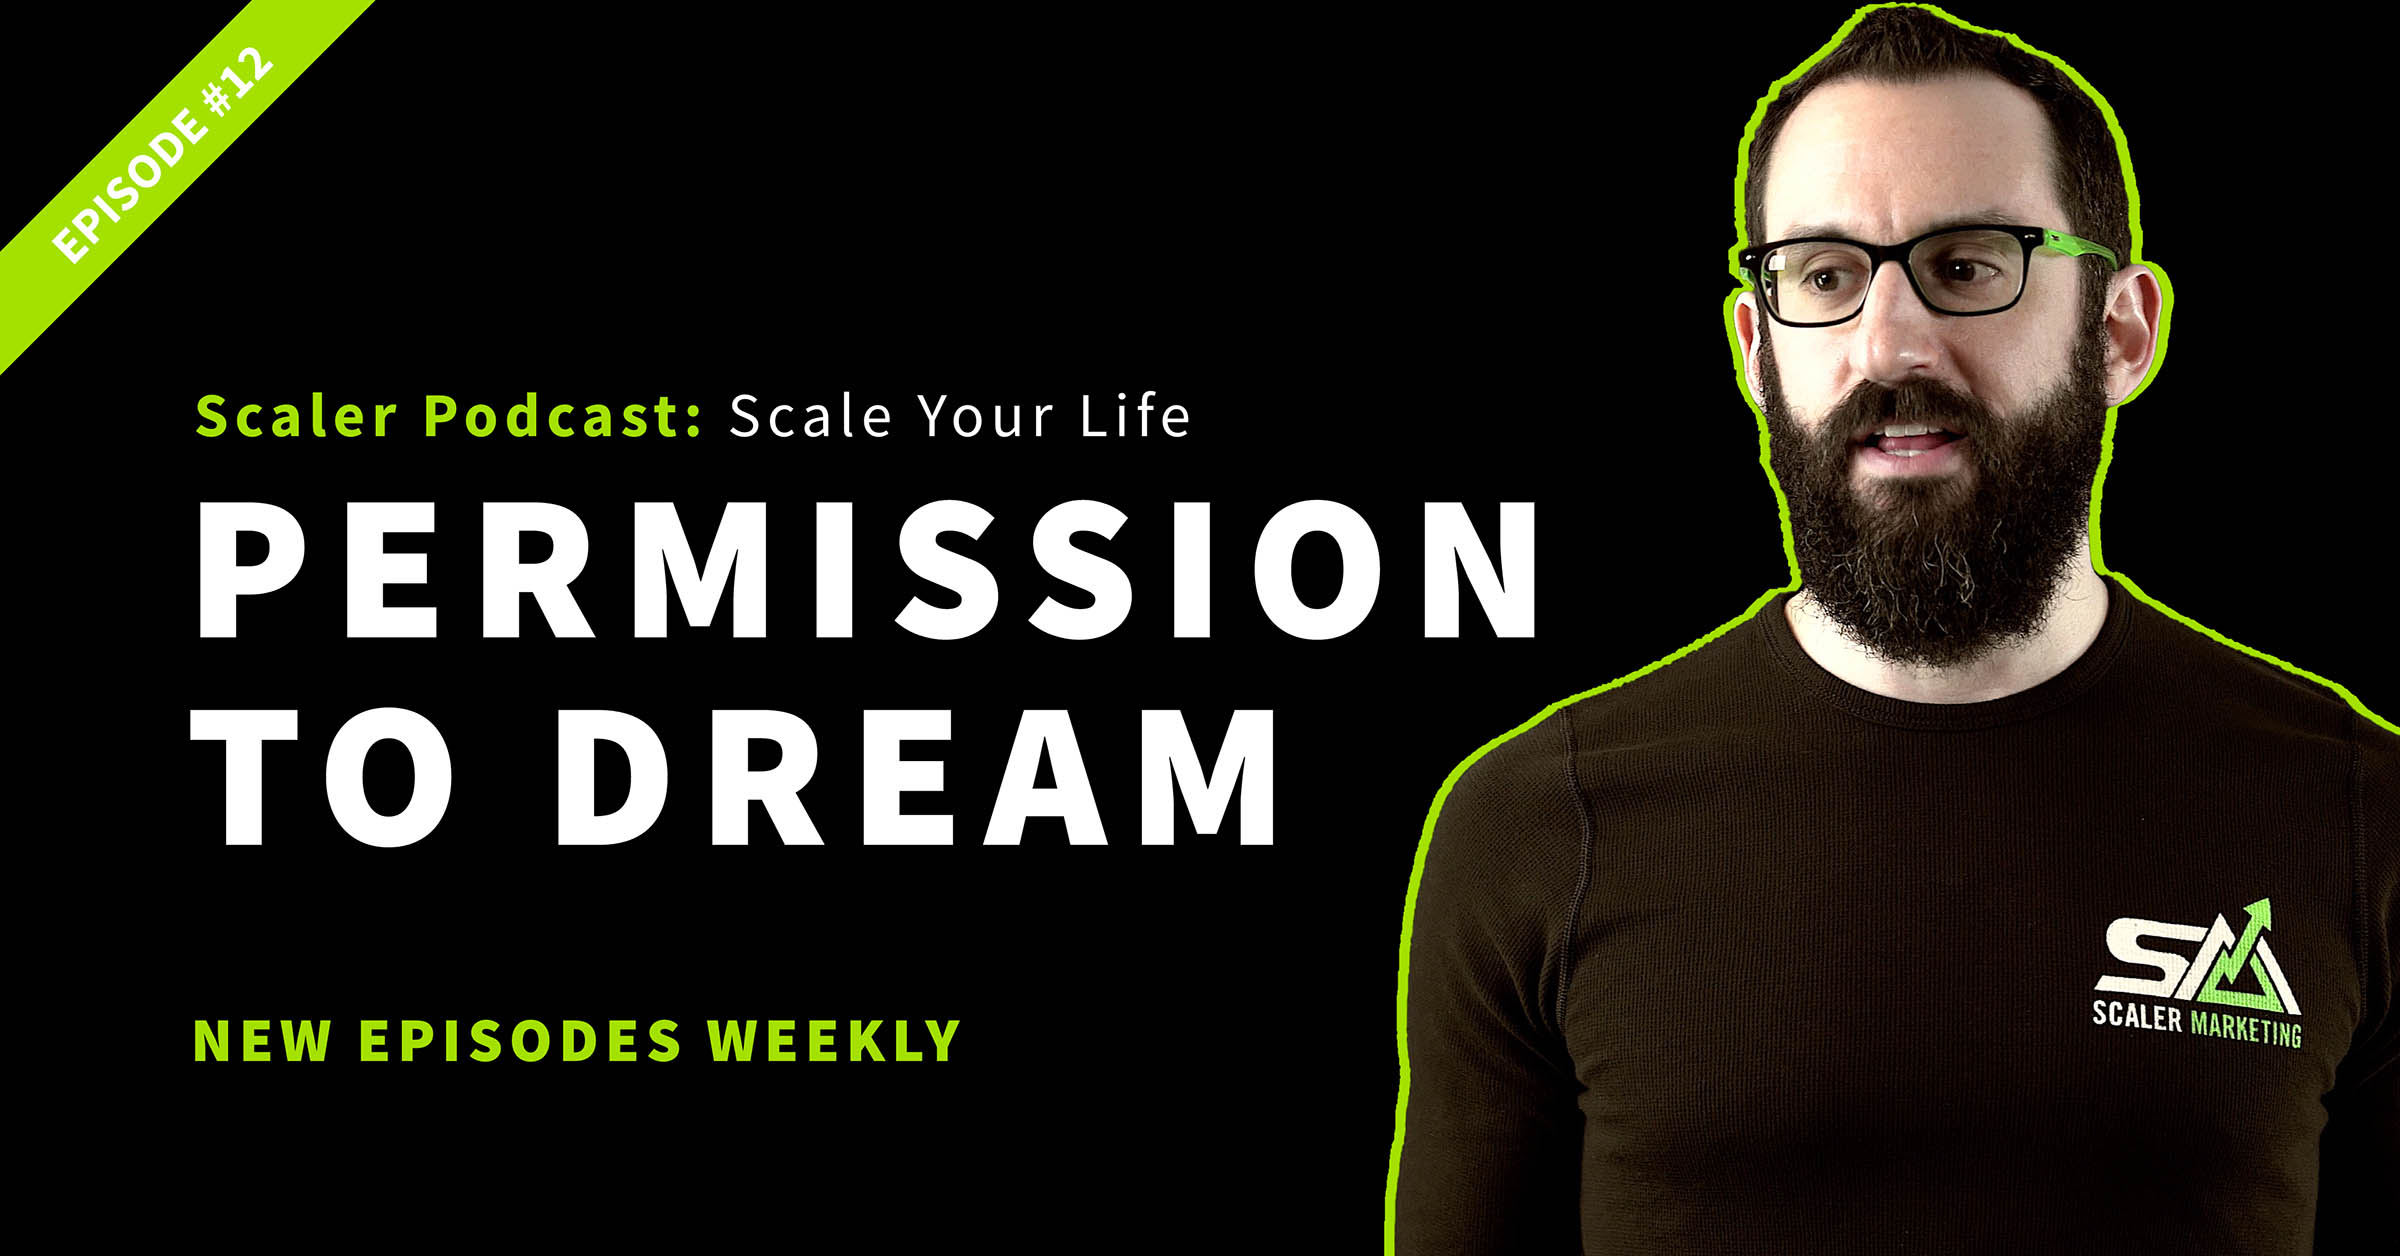 Episode 12 - Permission To Dream